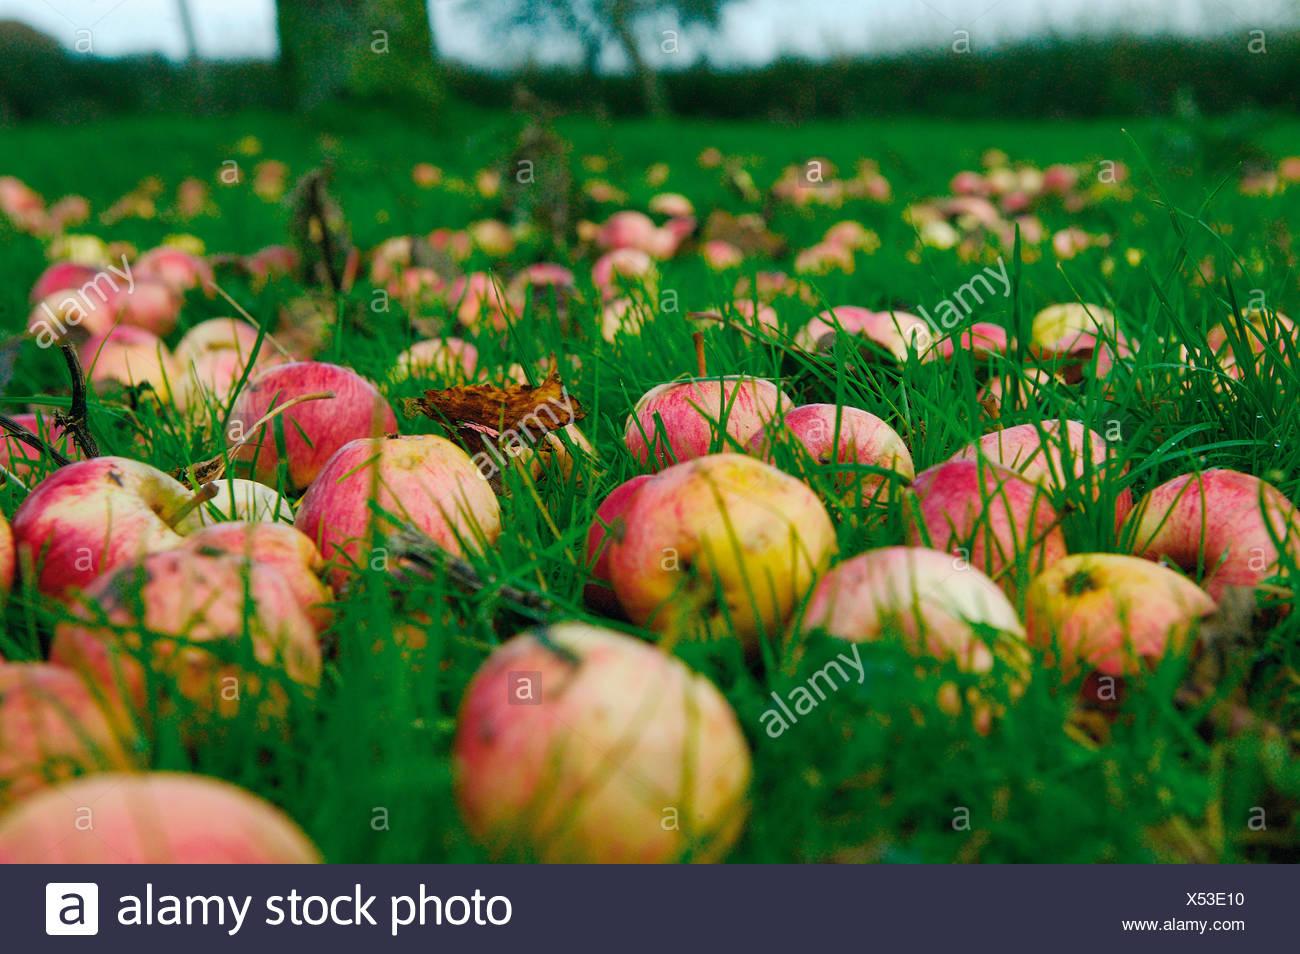 UK, Fallen apples on ground Stock Photo